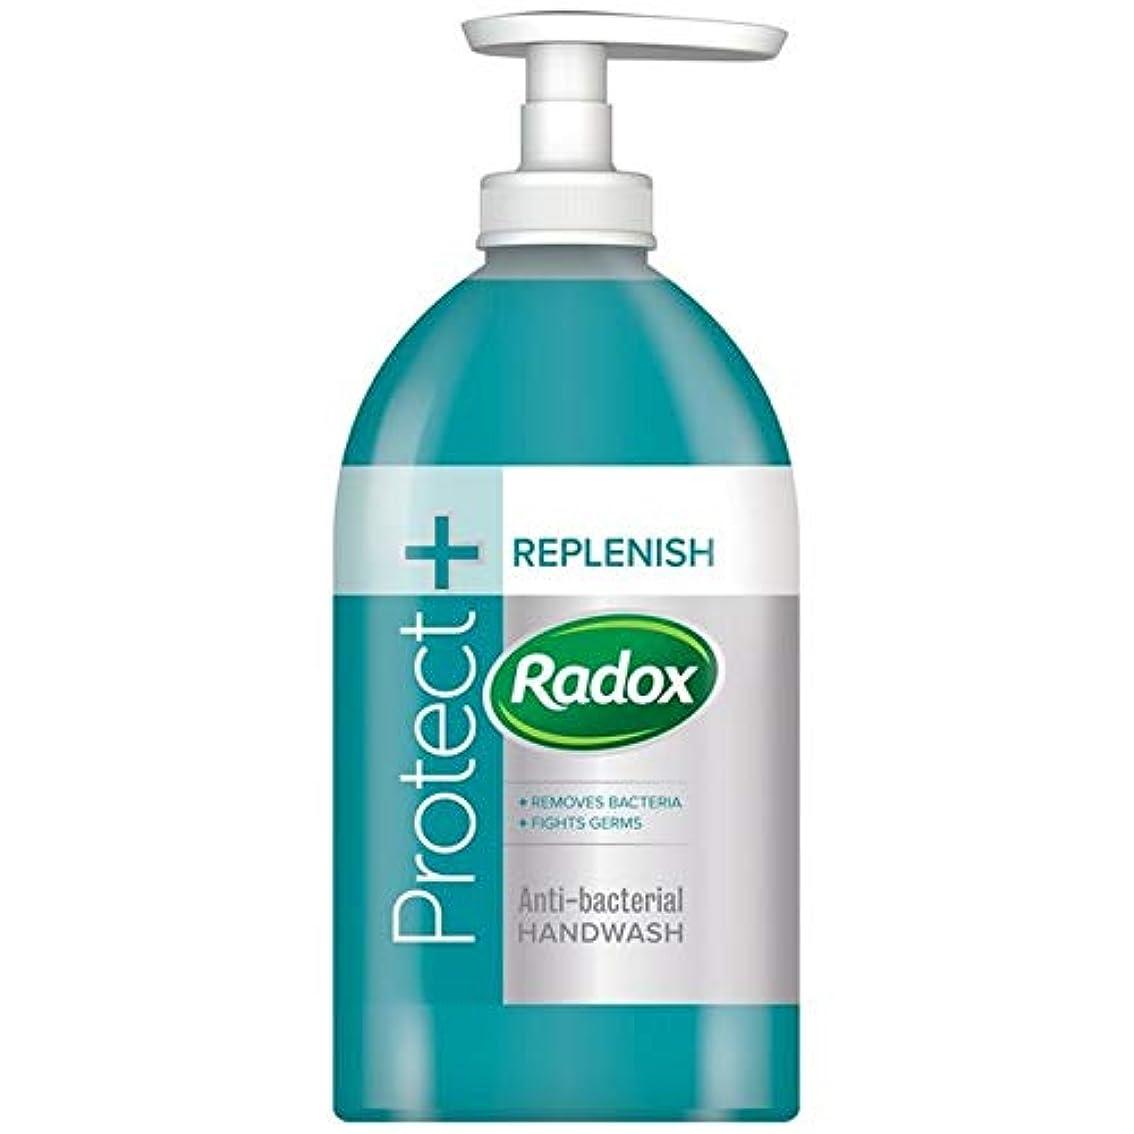 含む受付報酬[Radox] Radox抗菌剤および補充手洗いの500ミリリットル - Radox Antibacterial and Replenishing Handwash 500ml [並行輸入品]